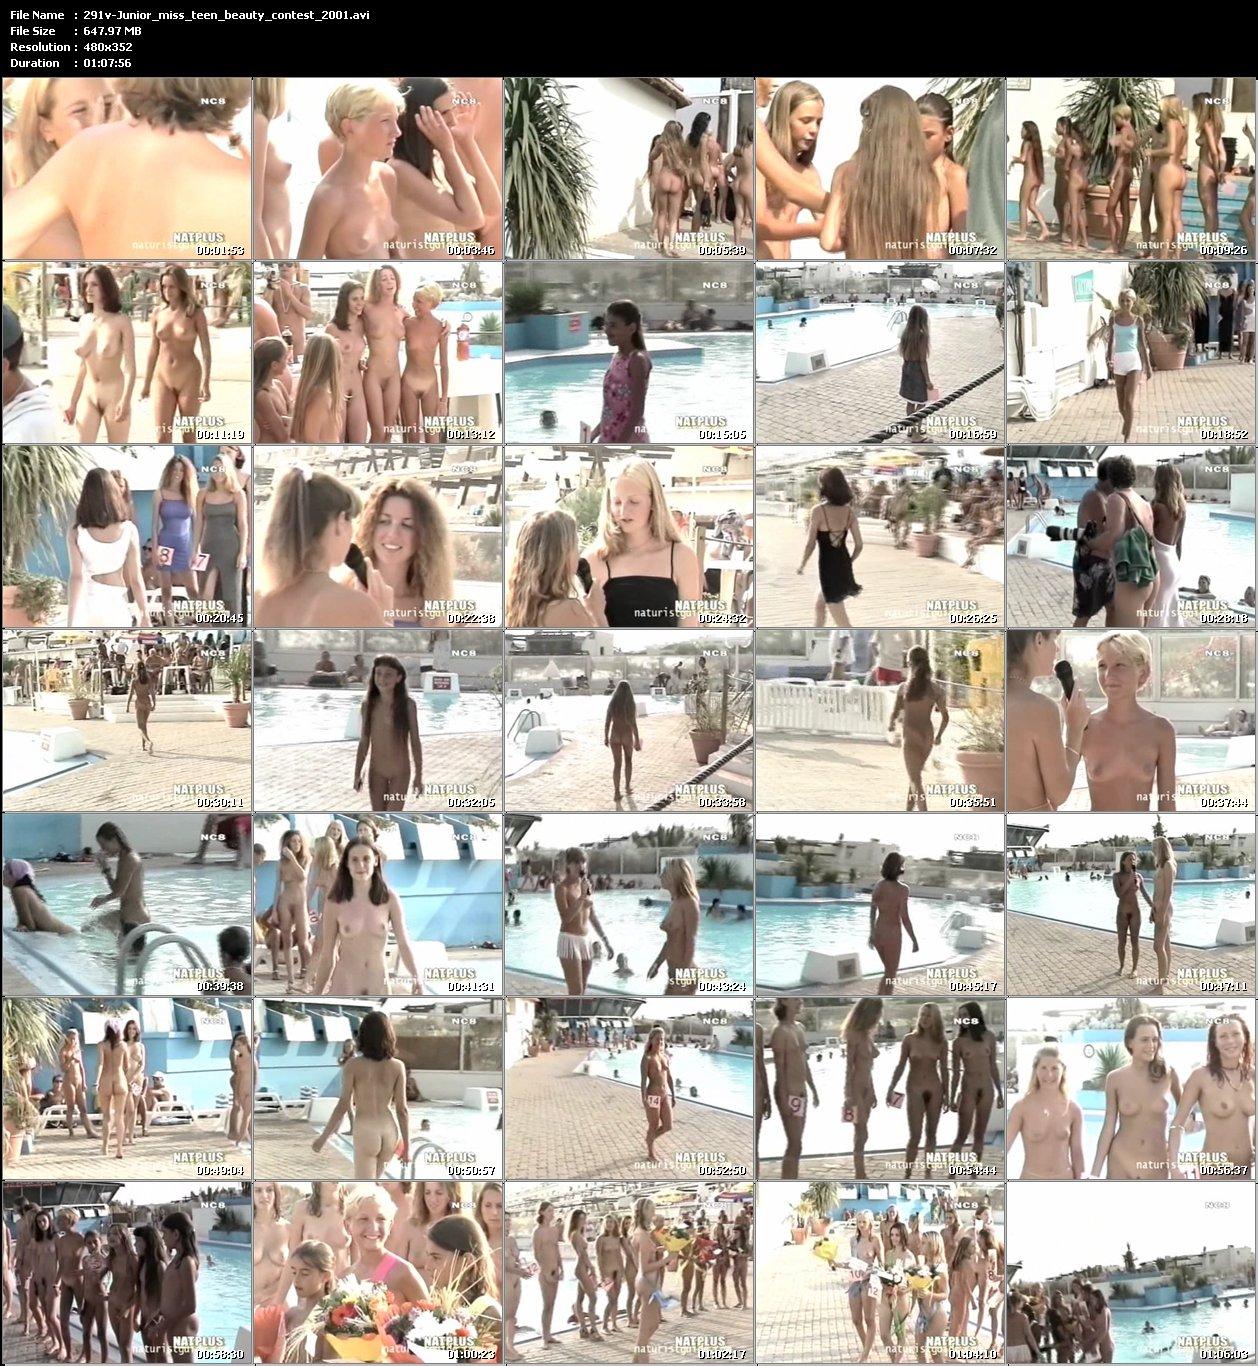 Mis nudism pics see